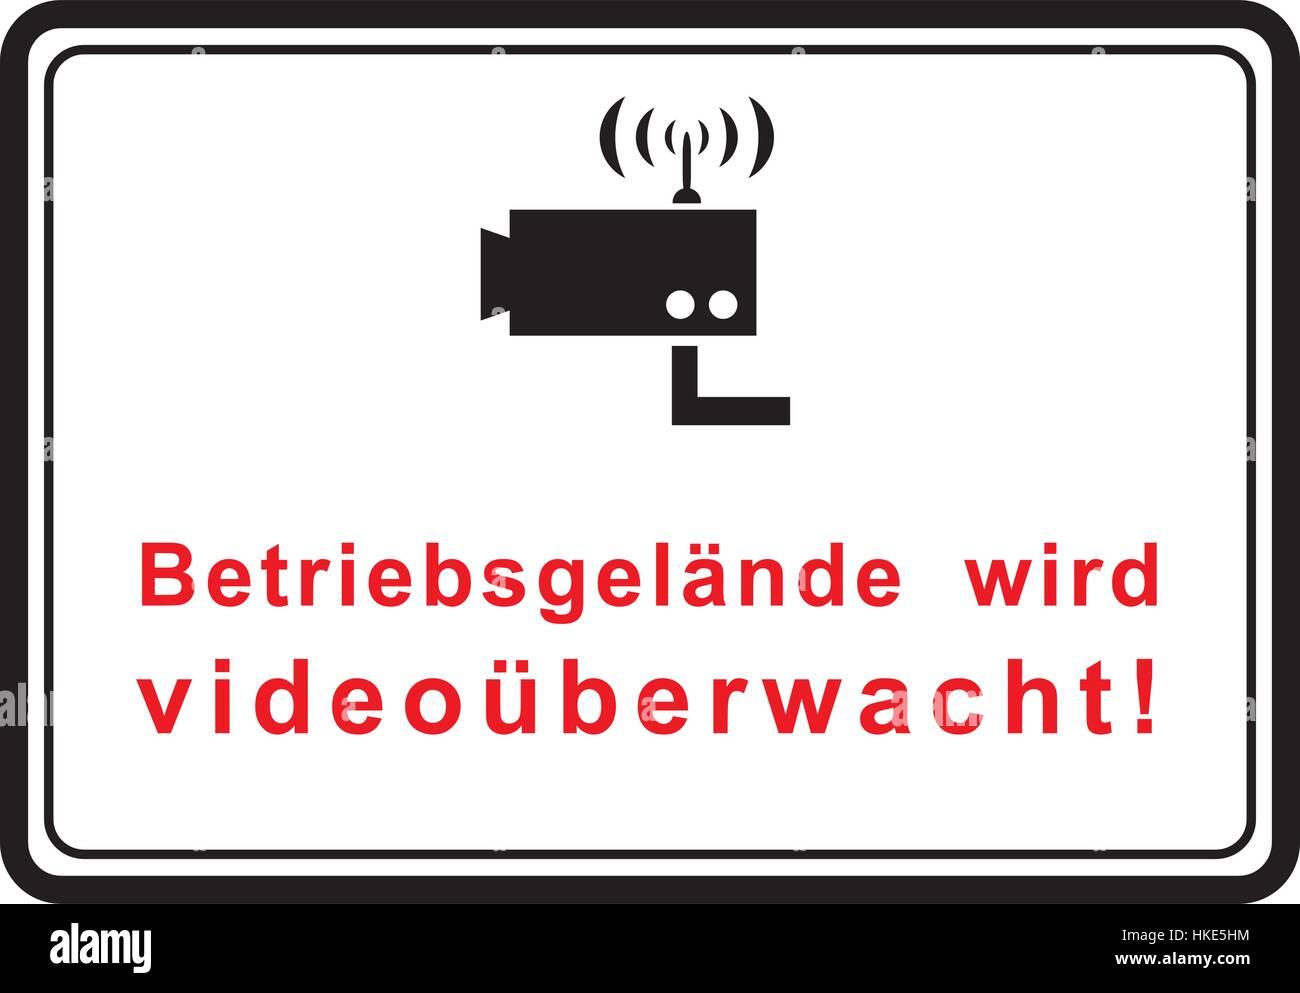 Las instalaciones de la compañía es video vigilados. Betriebsgelände wird videoüberwacht! Imagen De Stock